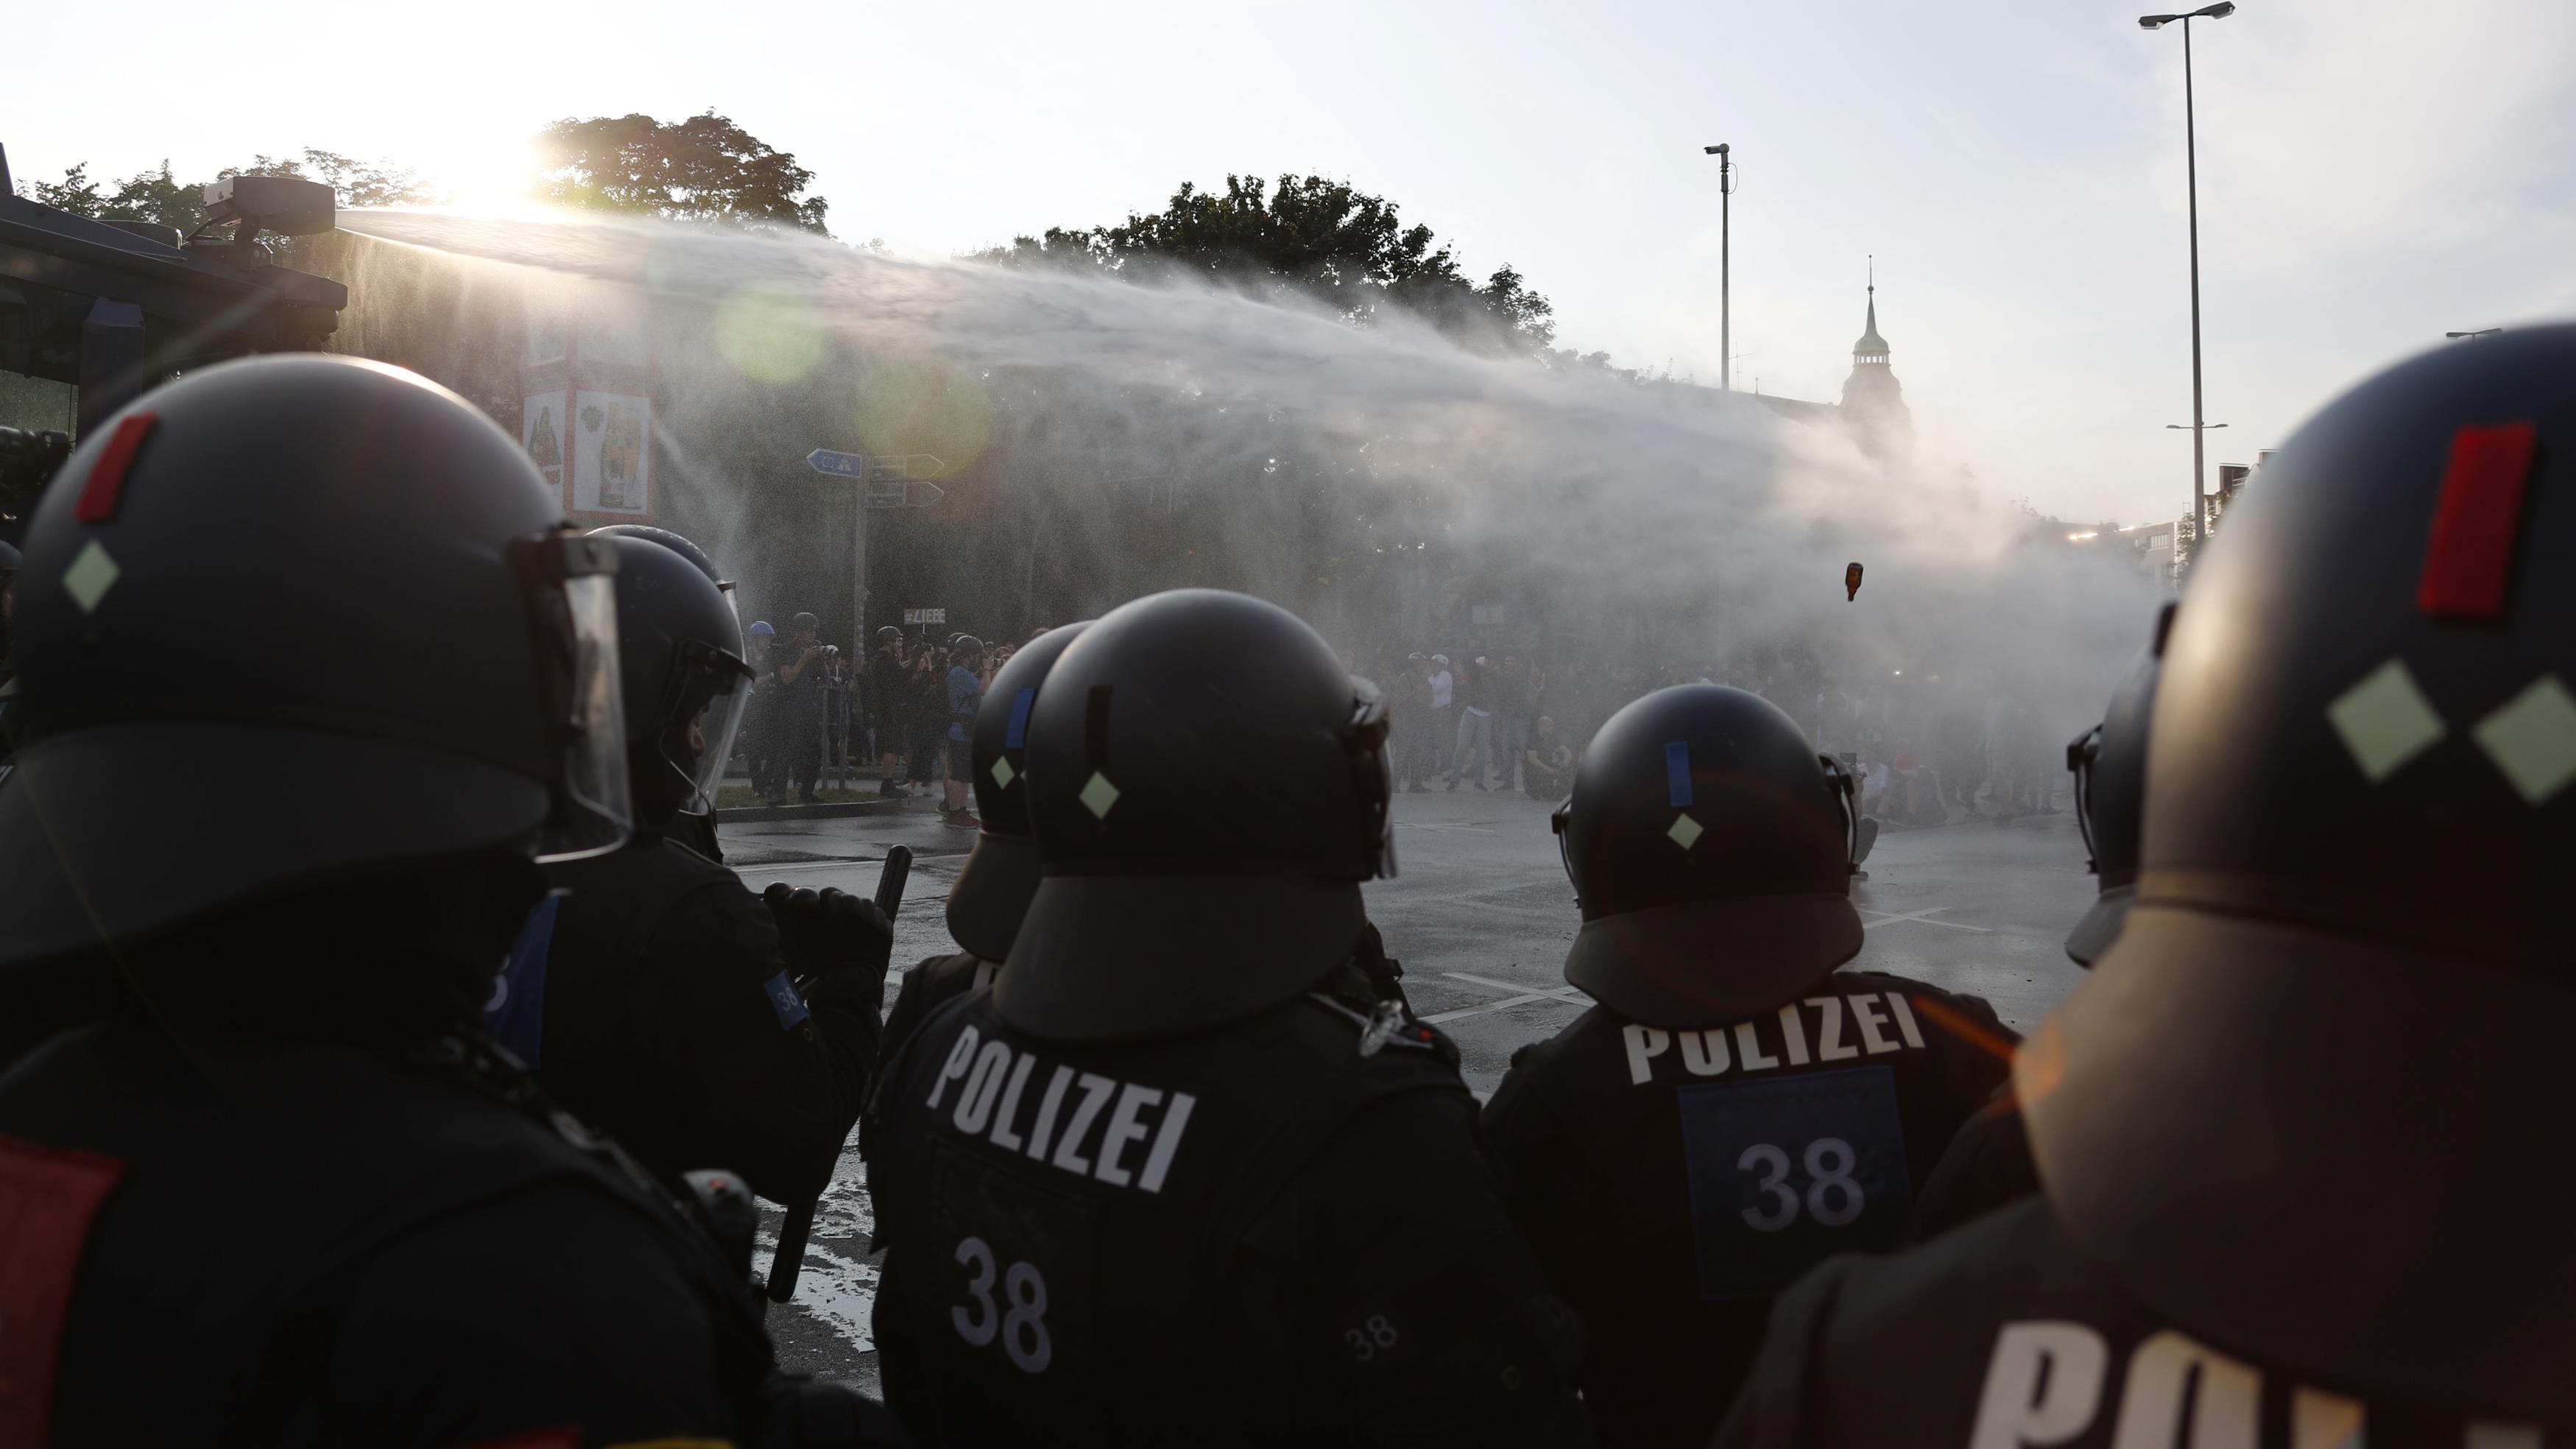 Die Verachtung für die Polizei ist erschreckend